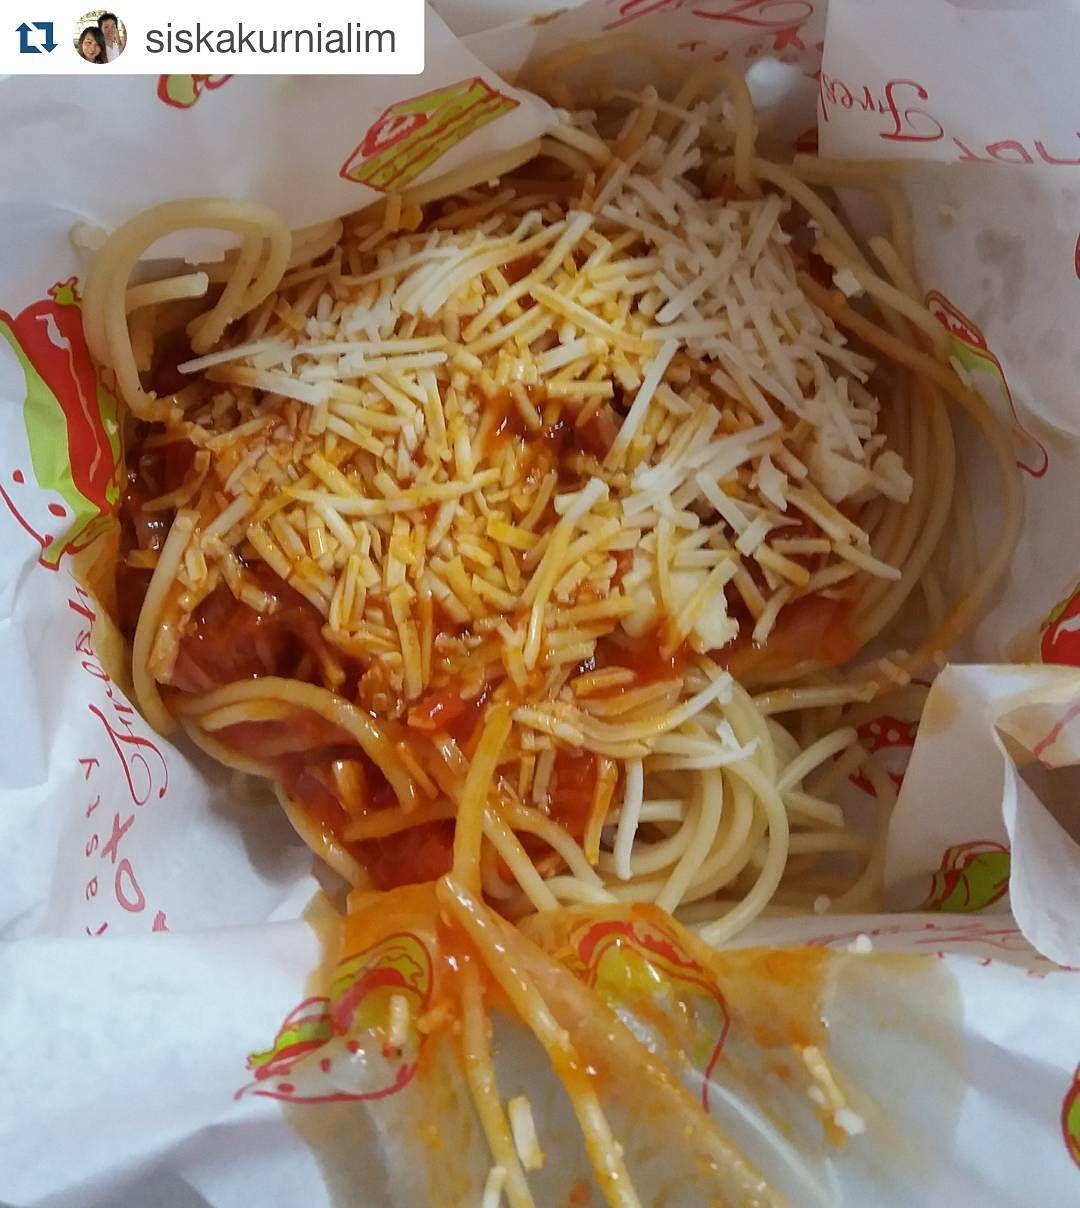 #Repost @siskakurnialim with @repostapp  Spaghetti chicken sausage from @pizzabuah ..